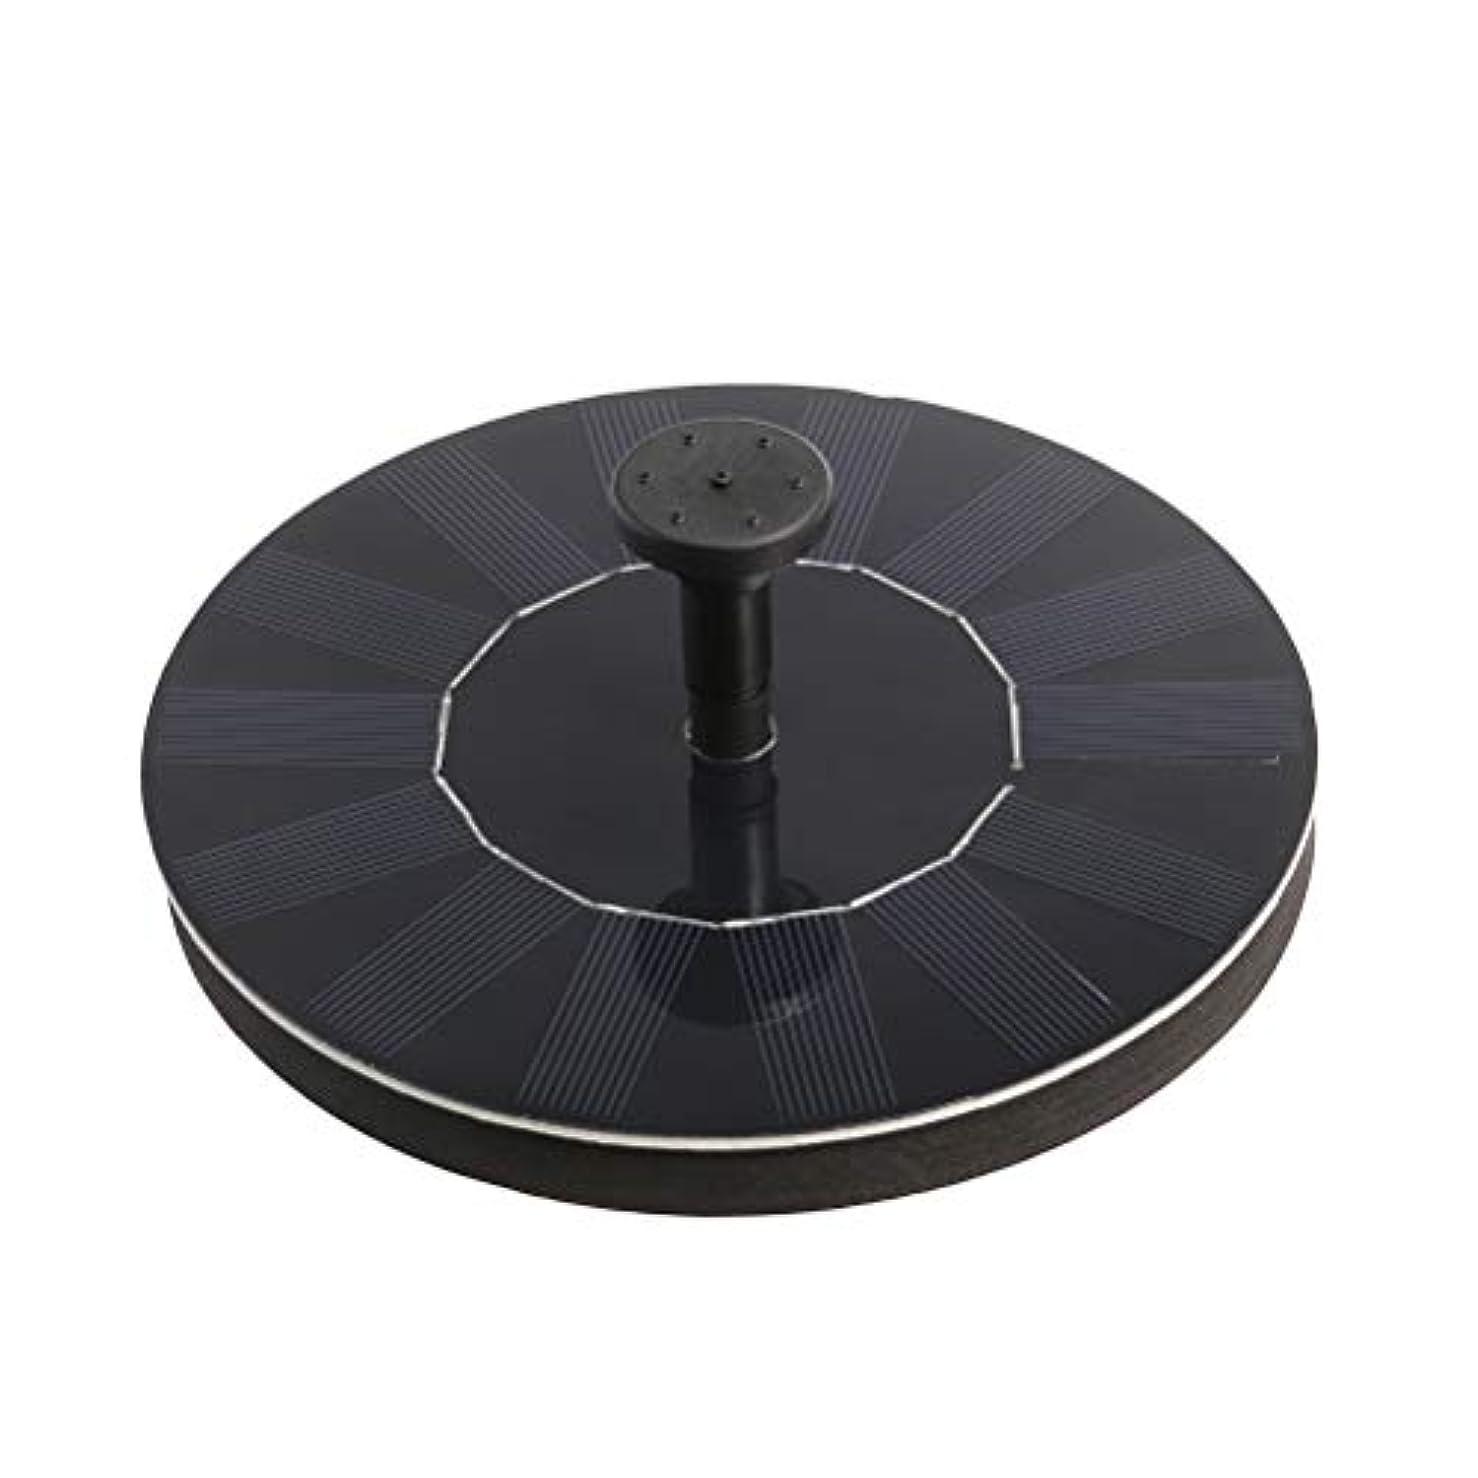 技術的な裁判官普遍的なLIOOBO 1.4ワットソーラーパワーポンプバードバス噴水ポンプ1.4ワットソーラーウォーターポンプキット用バードバスウォーター(ブラック)